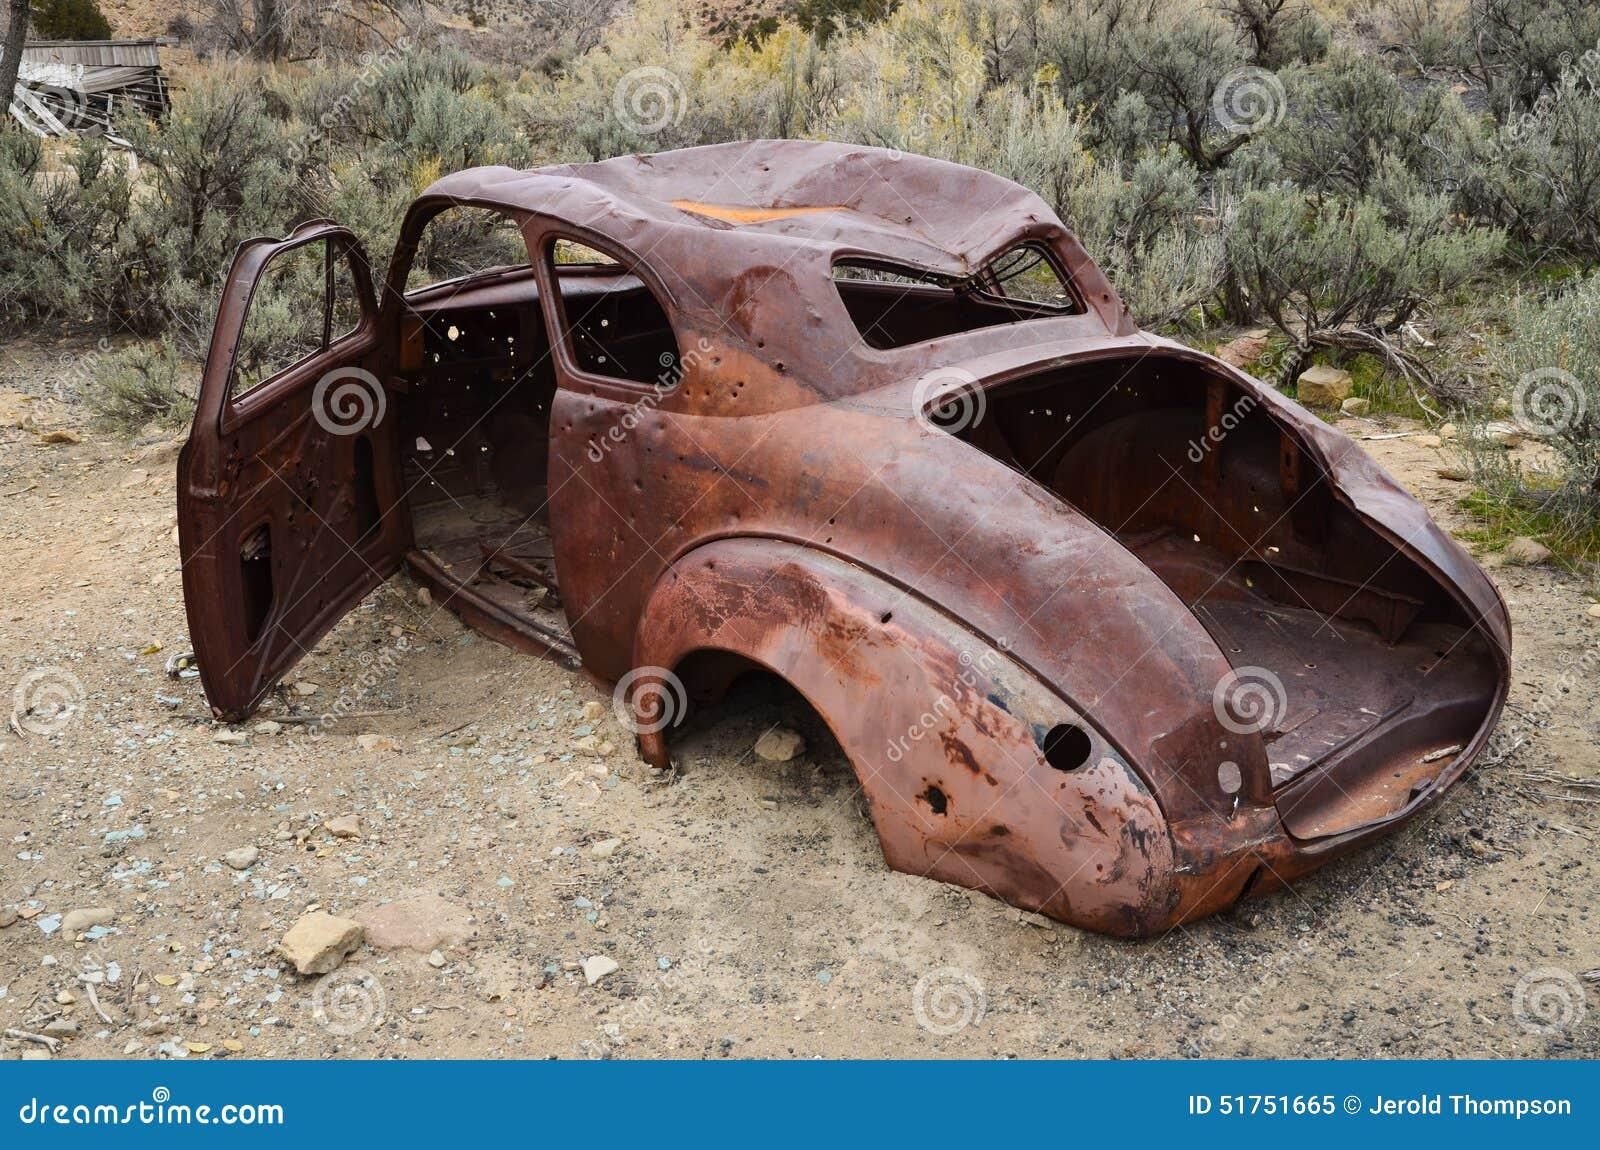 Unique Old Car Body For Sale Image - Classic Cars Ideas - boiq.info